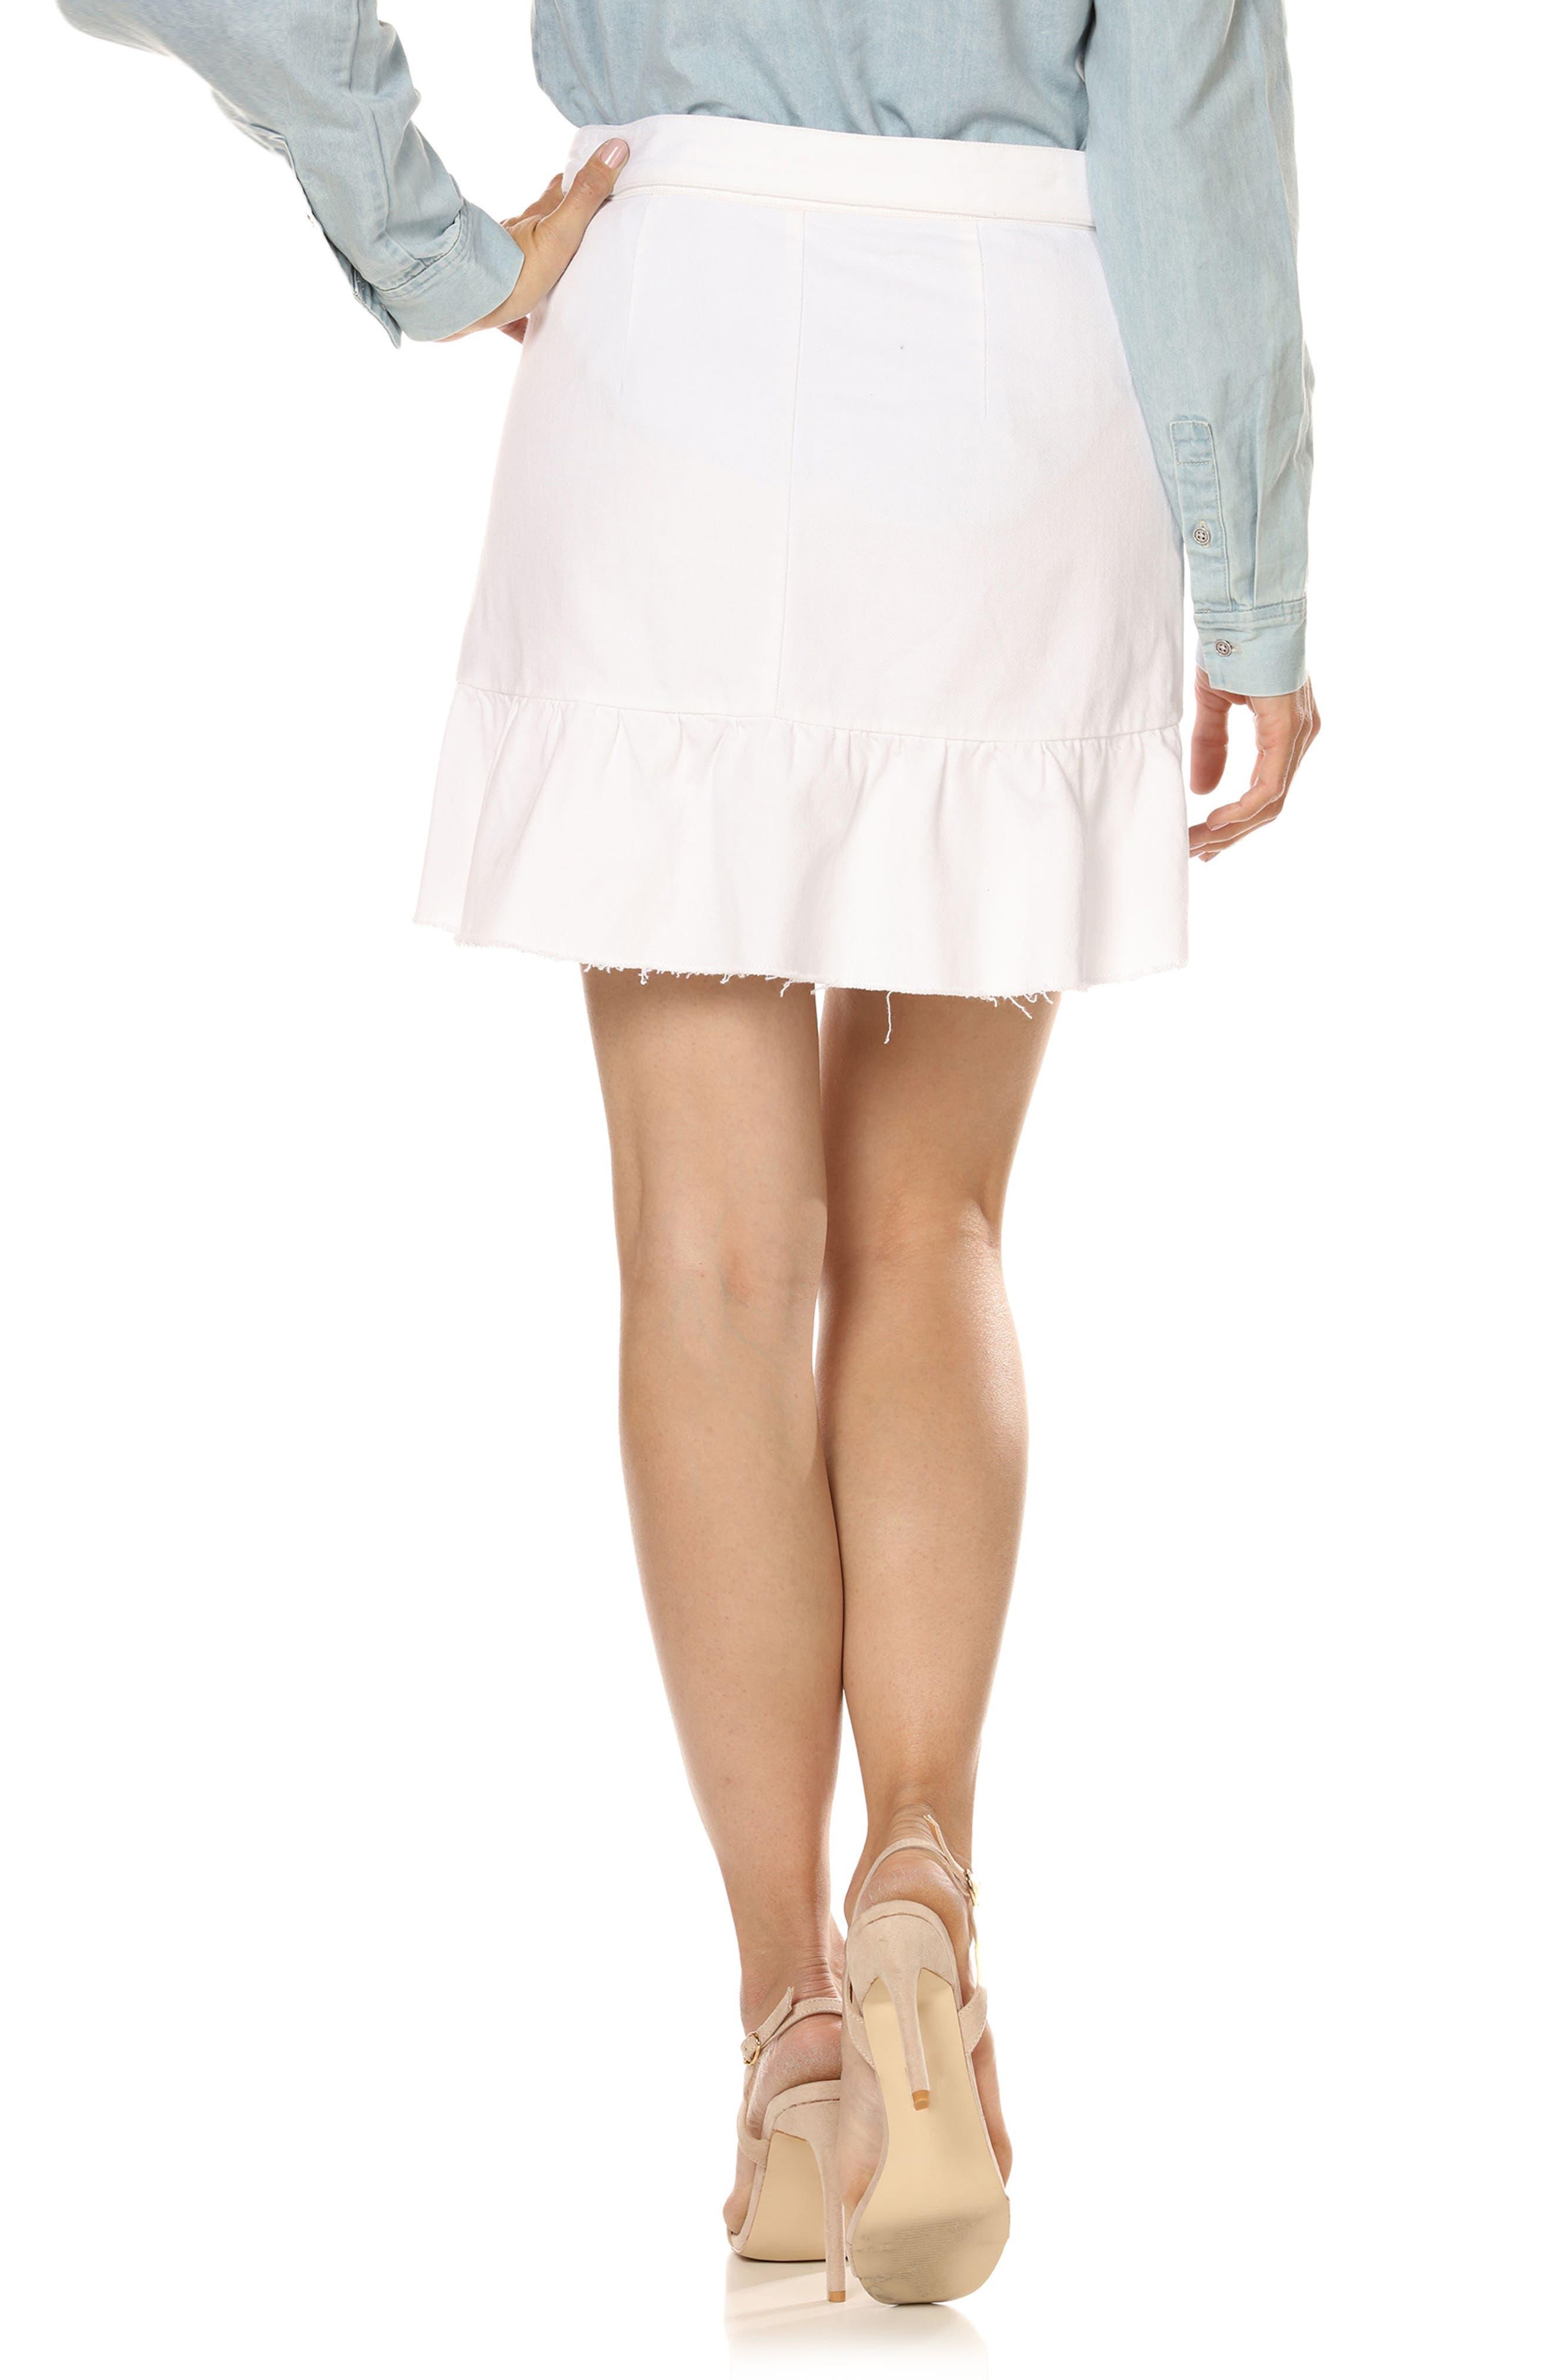 Nivelle Ruffle Denim Skirt,                             Alternate thumbnail 2, color,                             400